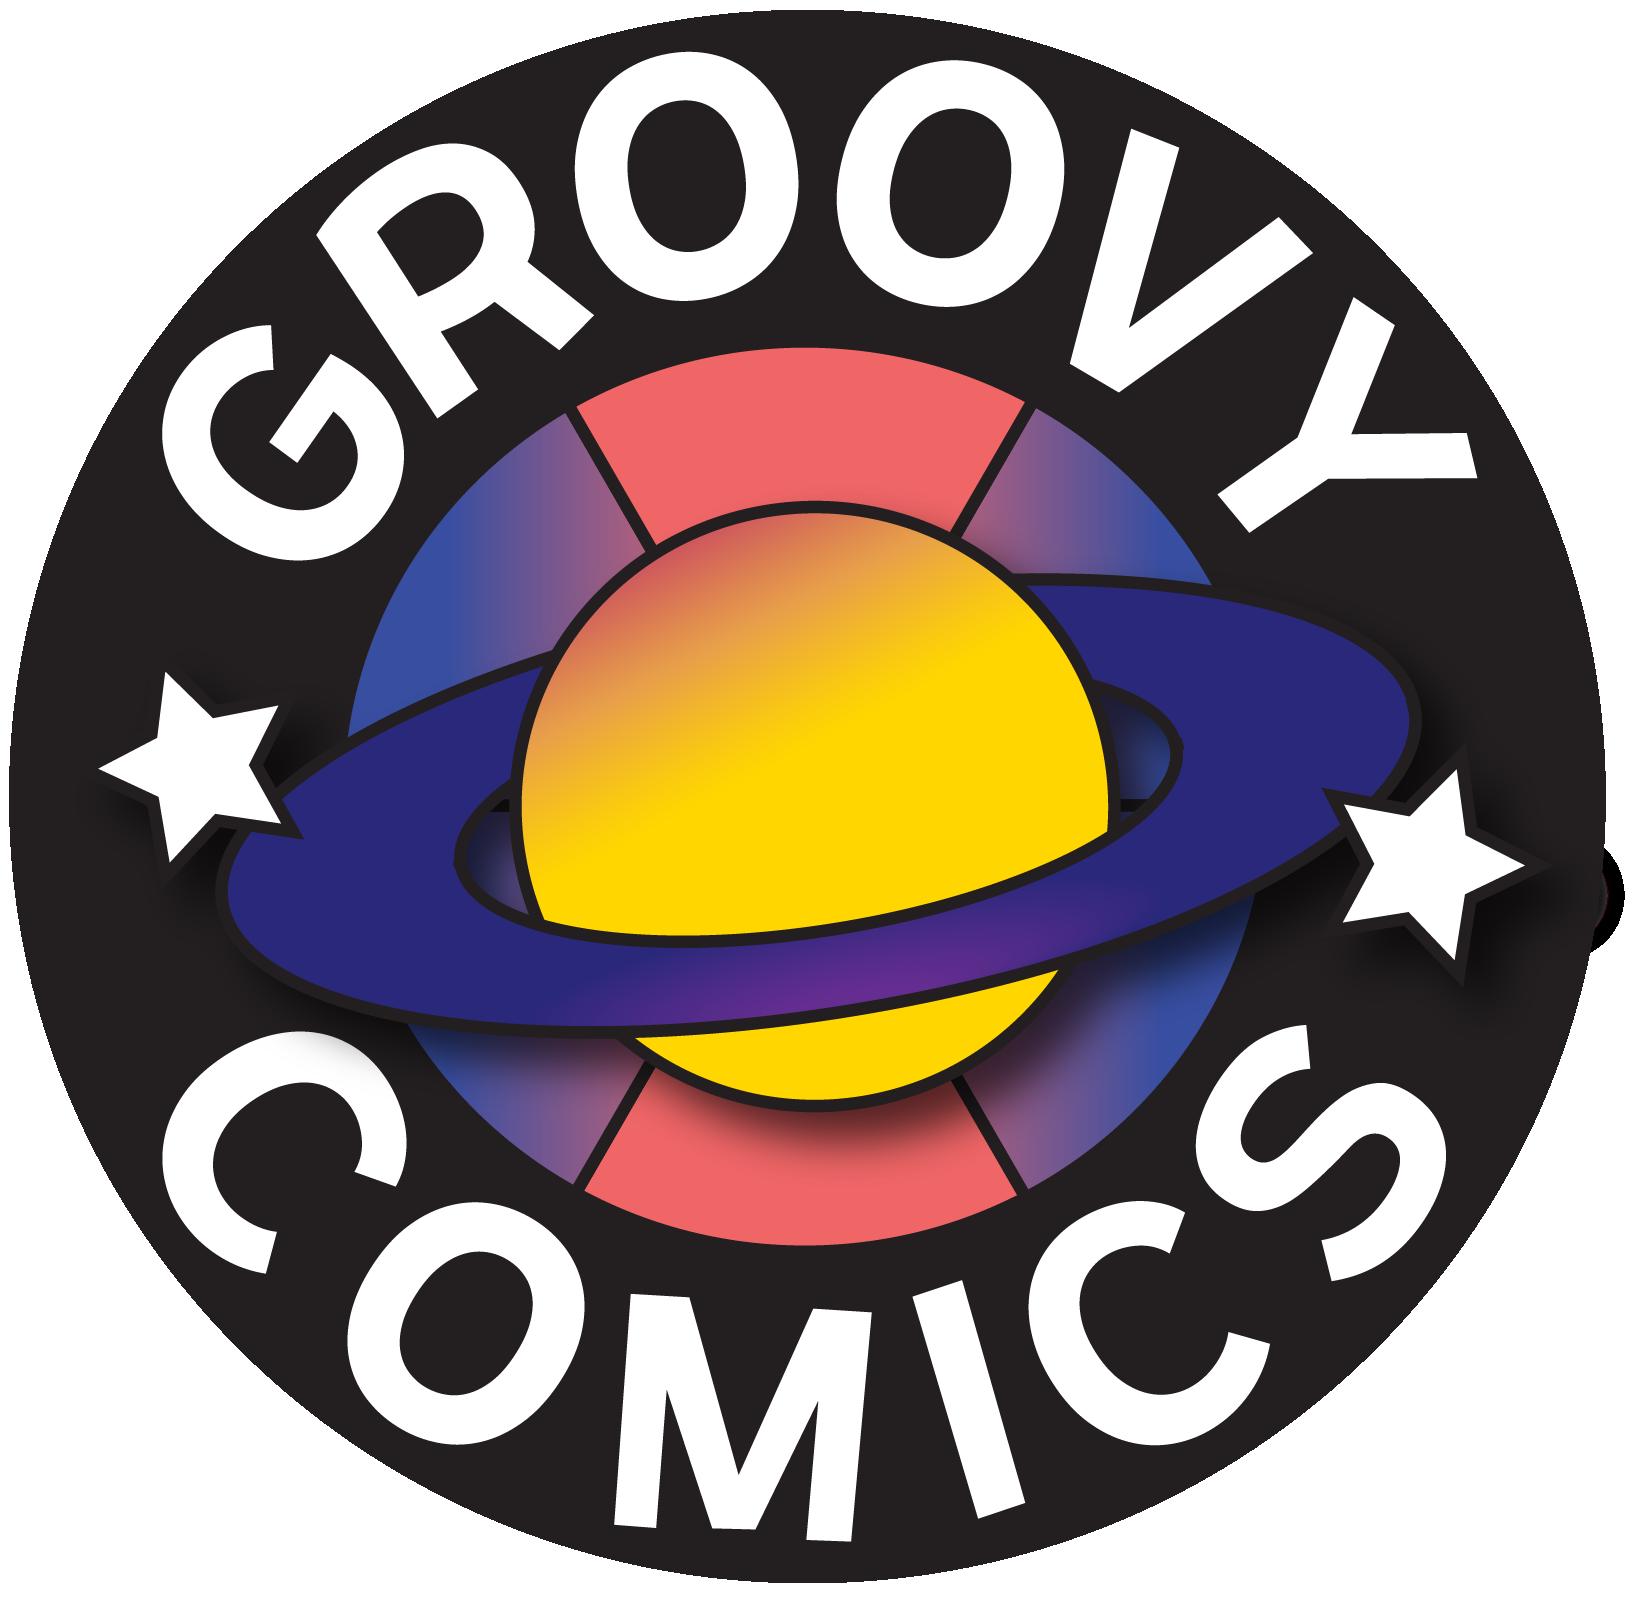 Groovy Comics